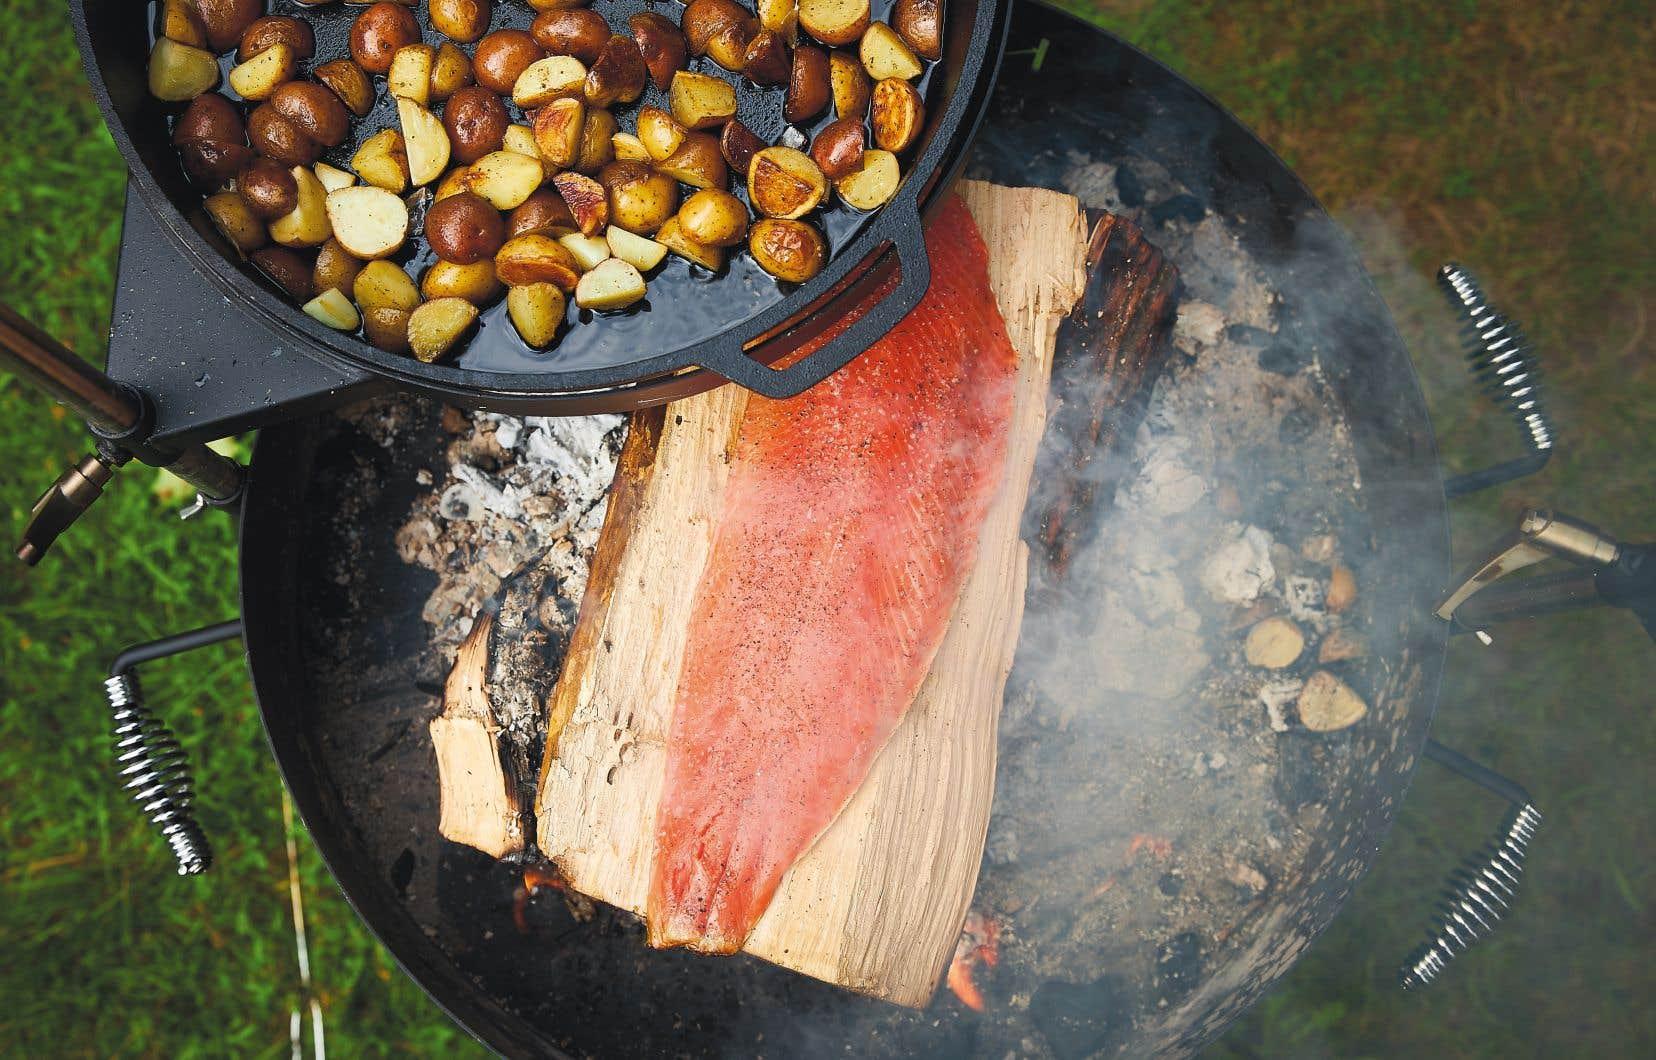 Dans son livre, la bloggeuse partage plusieurs idées, dont celle du filet de saumon cuit directement sur une bûche.